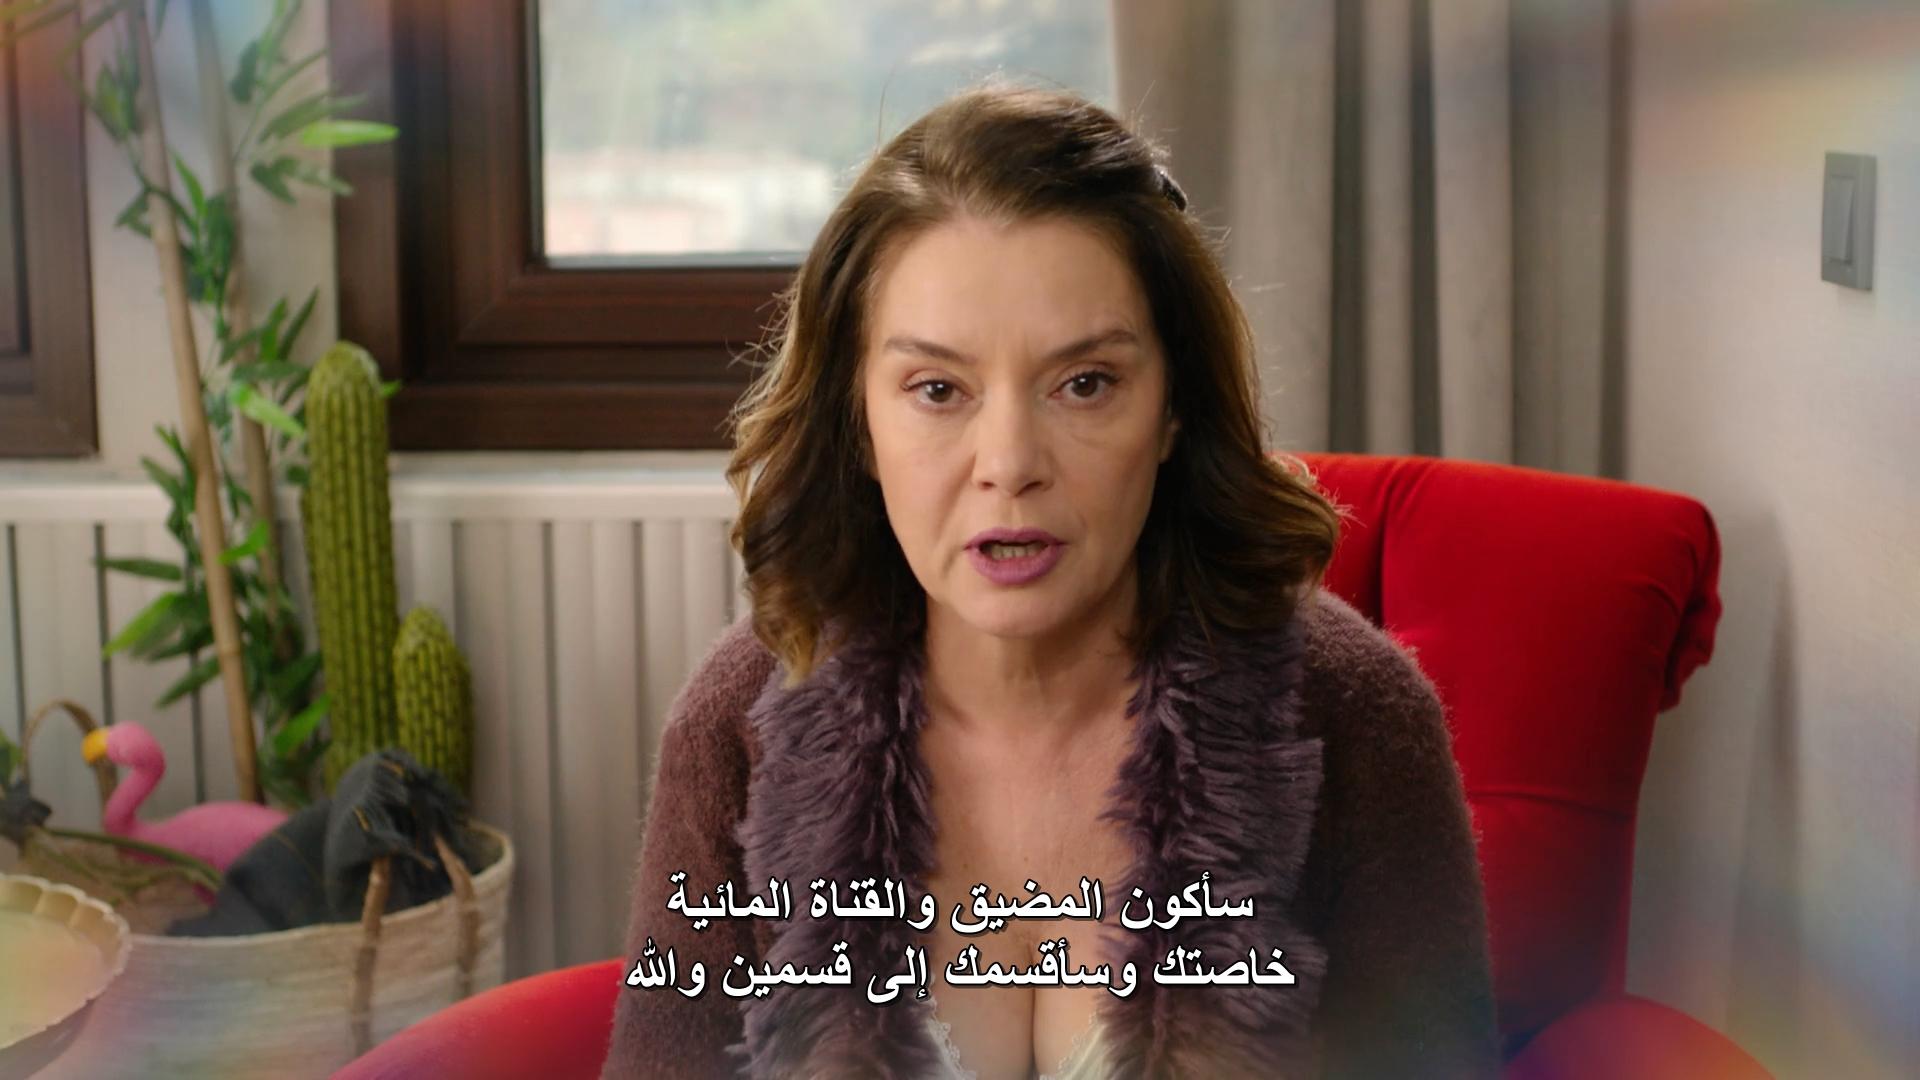 المسلسل التركي القصير نفس الشيء [م1 م2 م3][2019][مترجم][WEB DL][BLUTV][1080p] تحميل تورنت 18 arabp2p.com